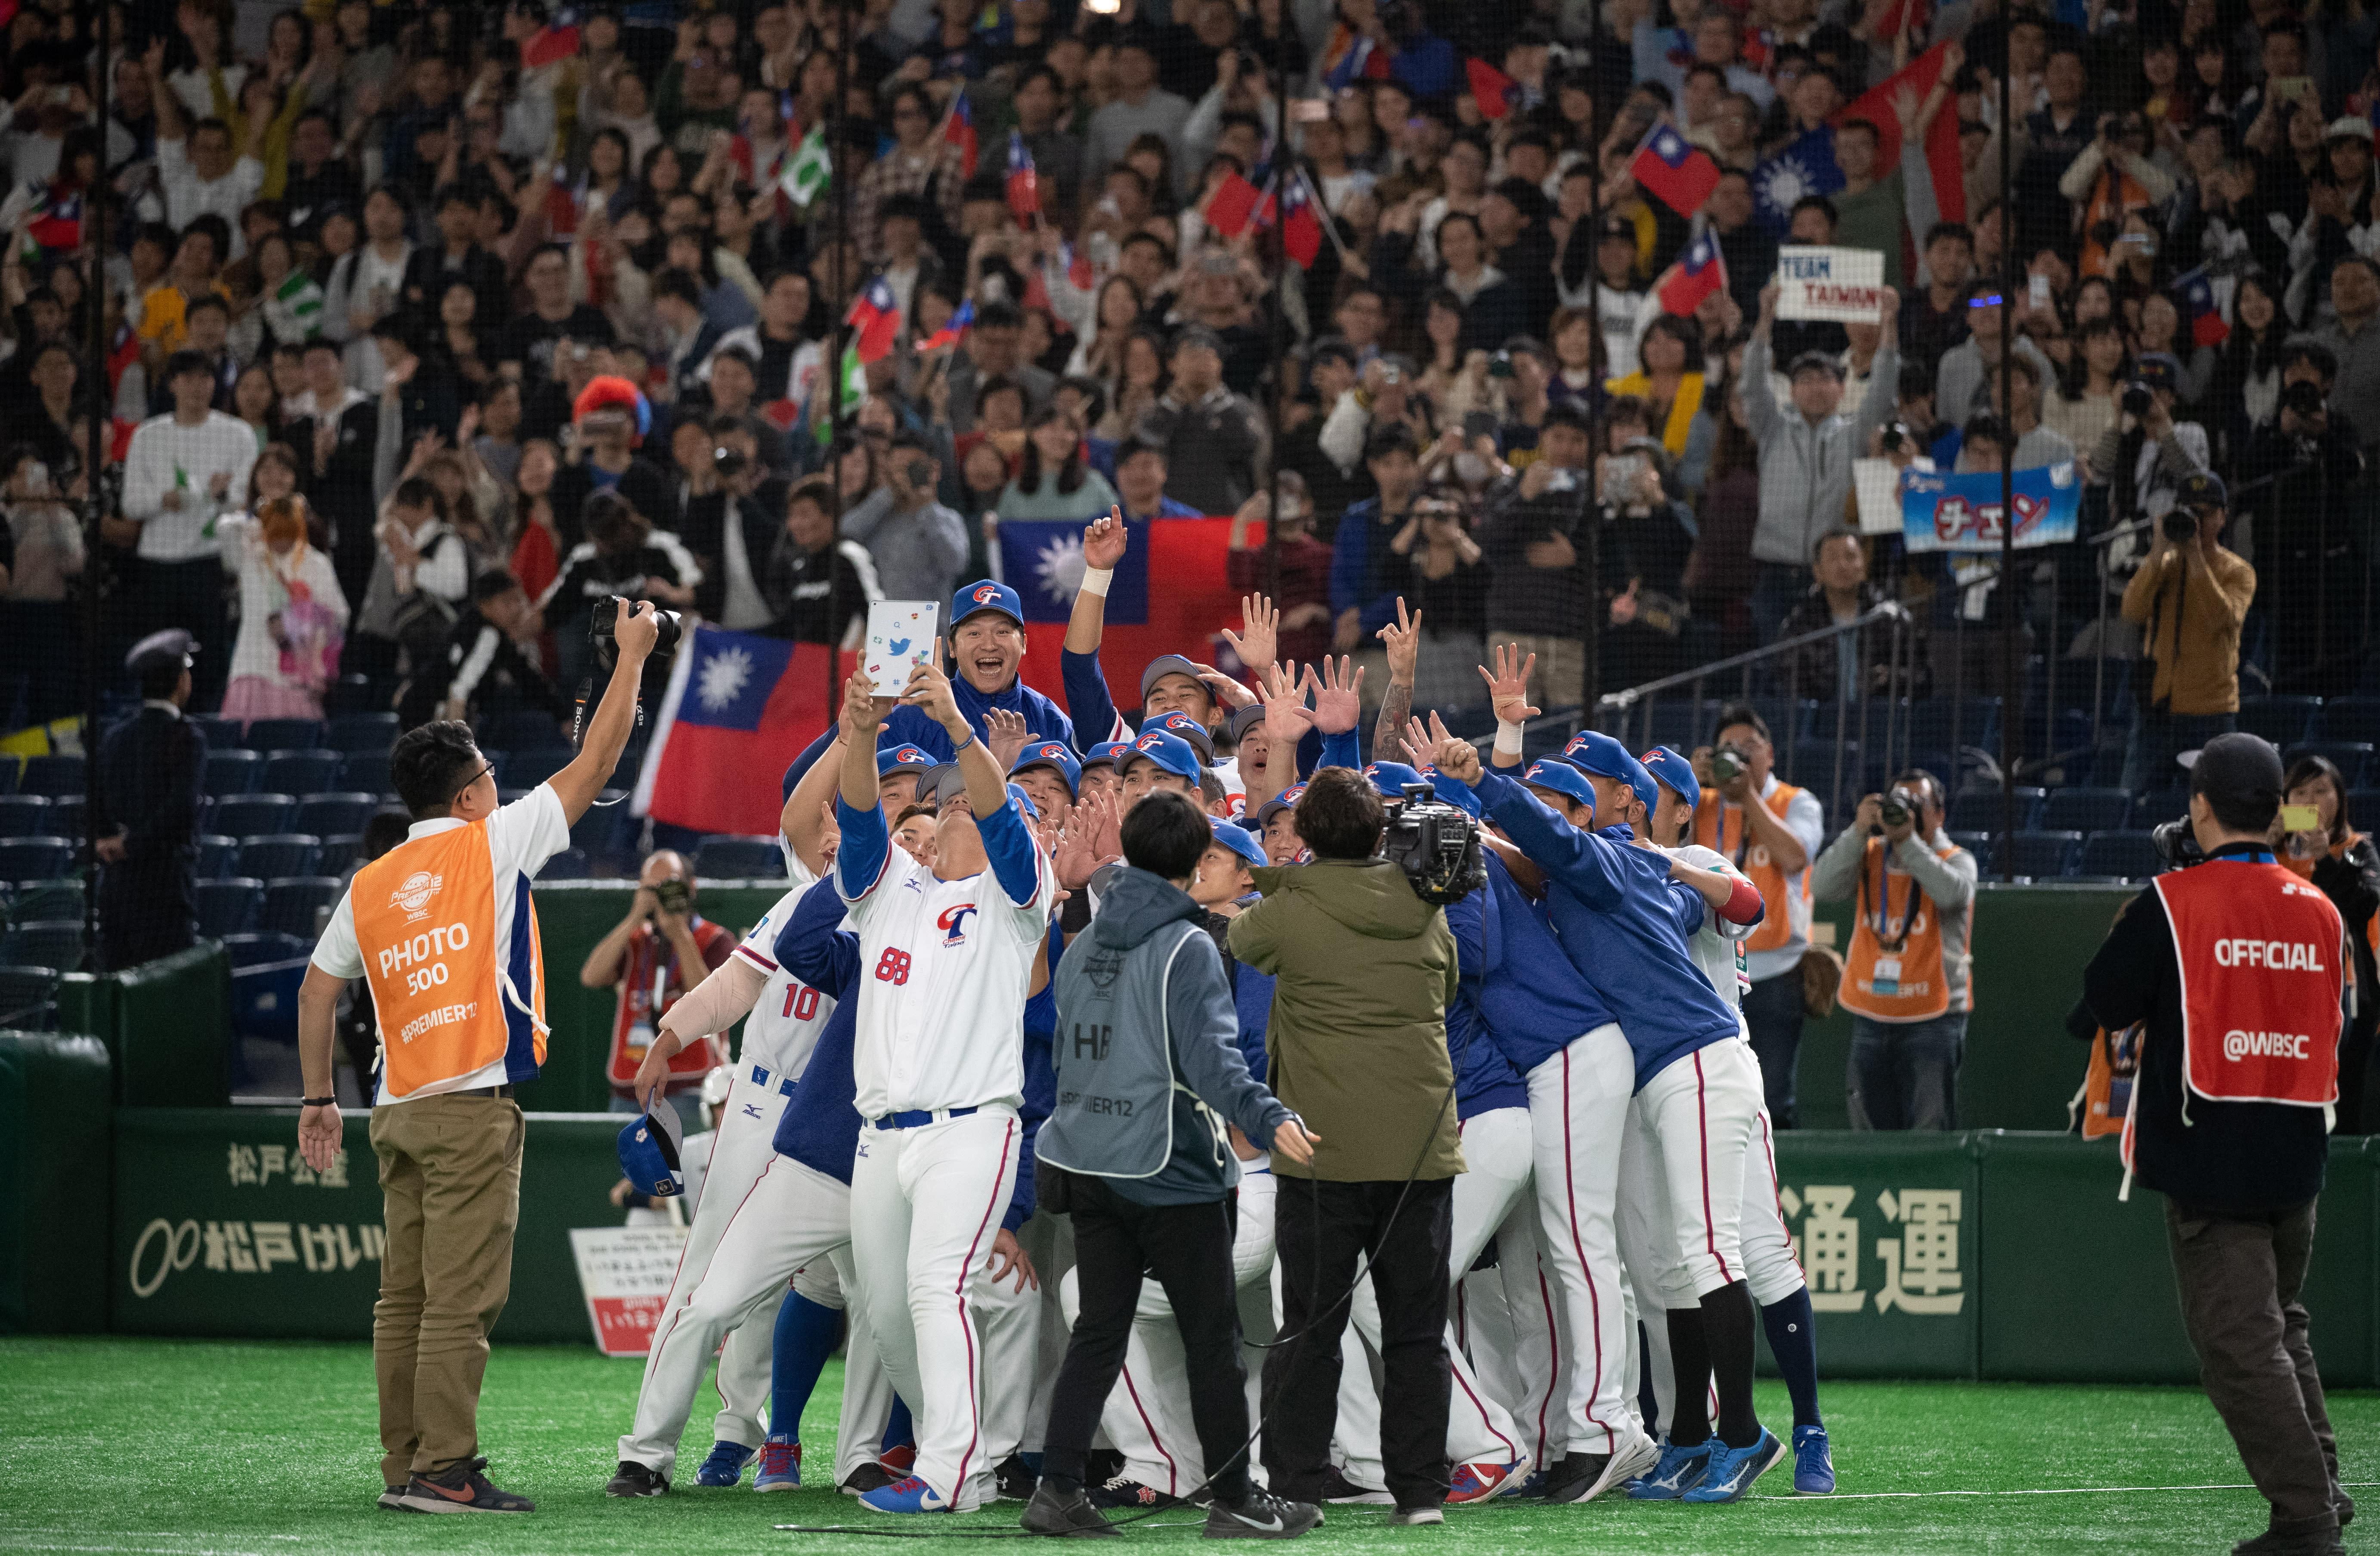 中華隊此屆12強賽事全數結束,你覺得選手們的表現如何?